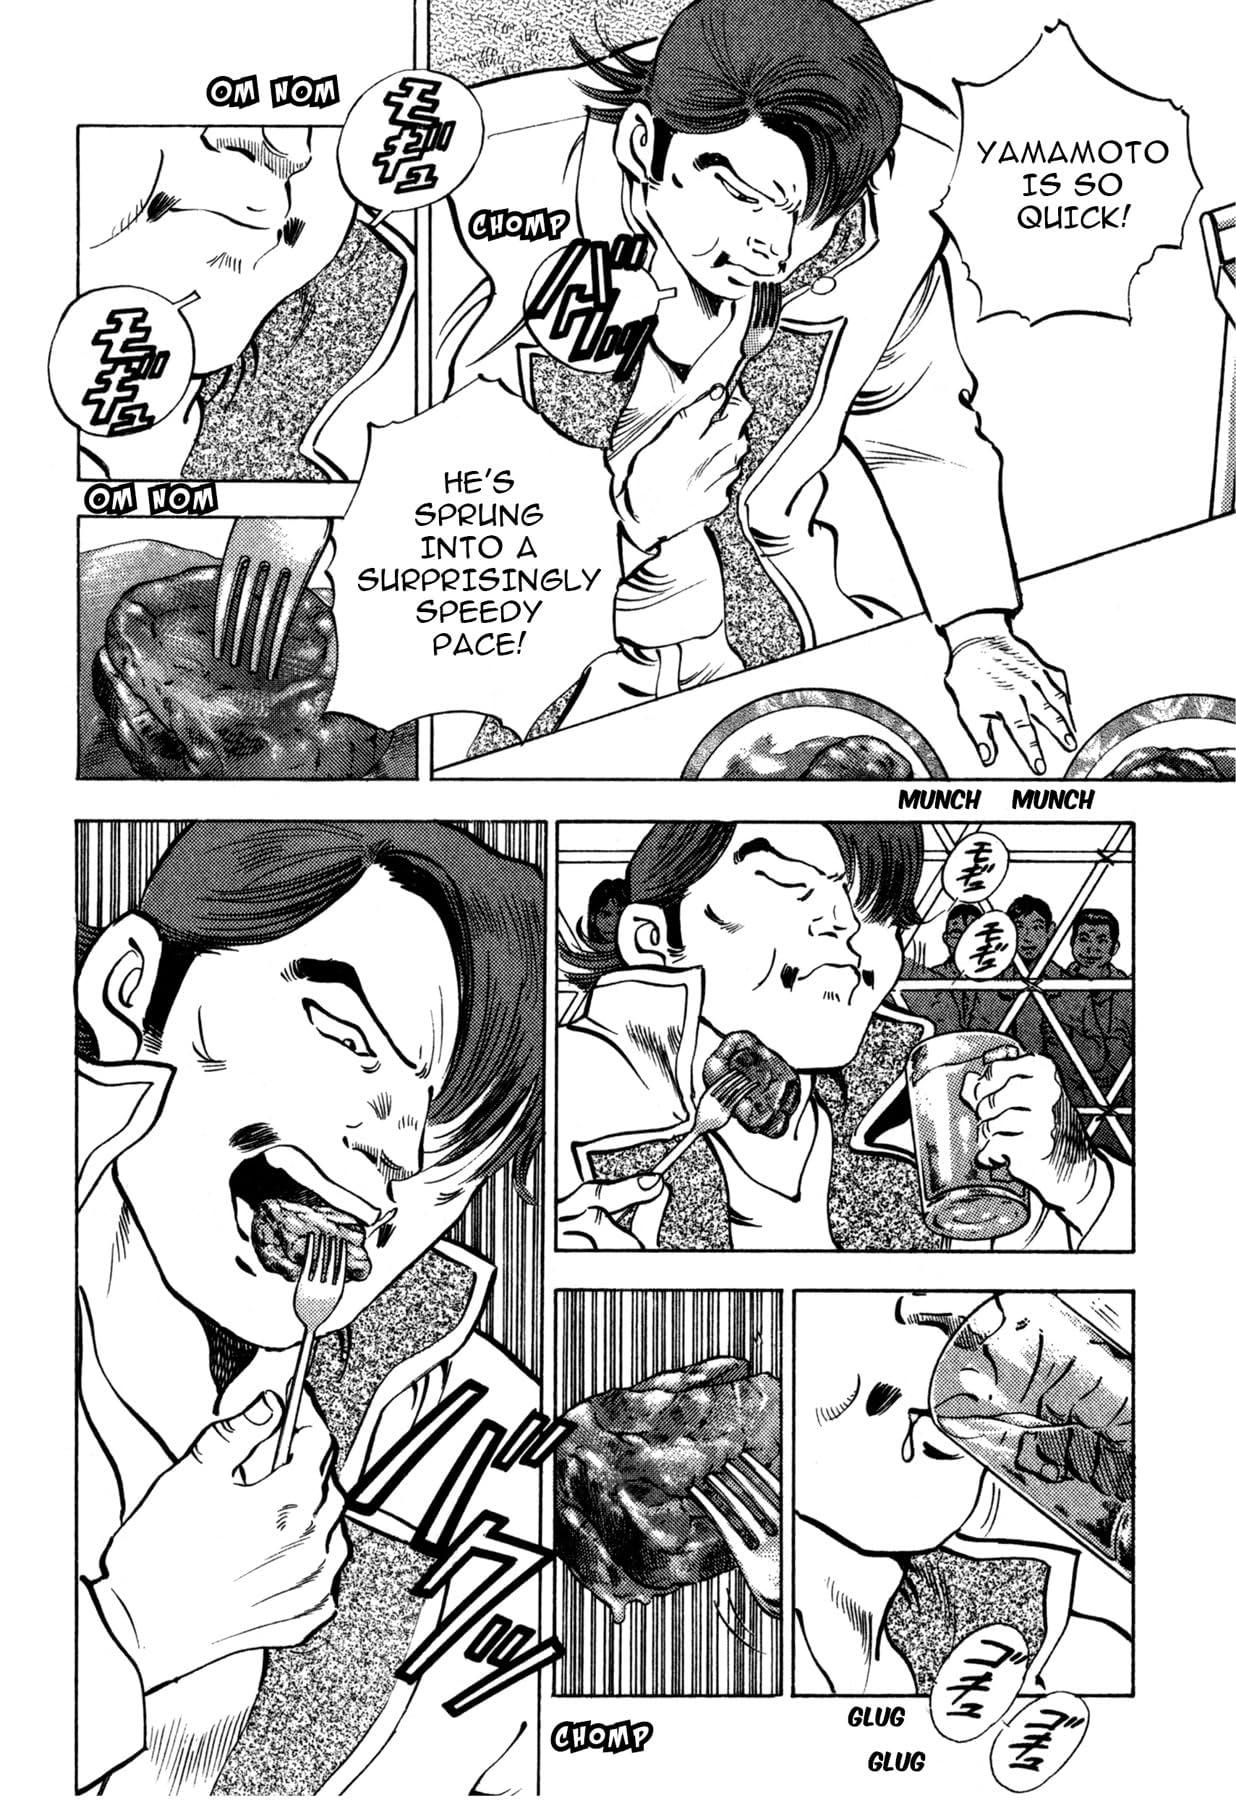 Kuishinbo! #156